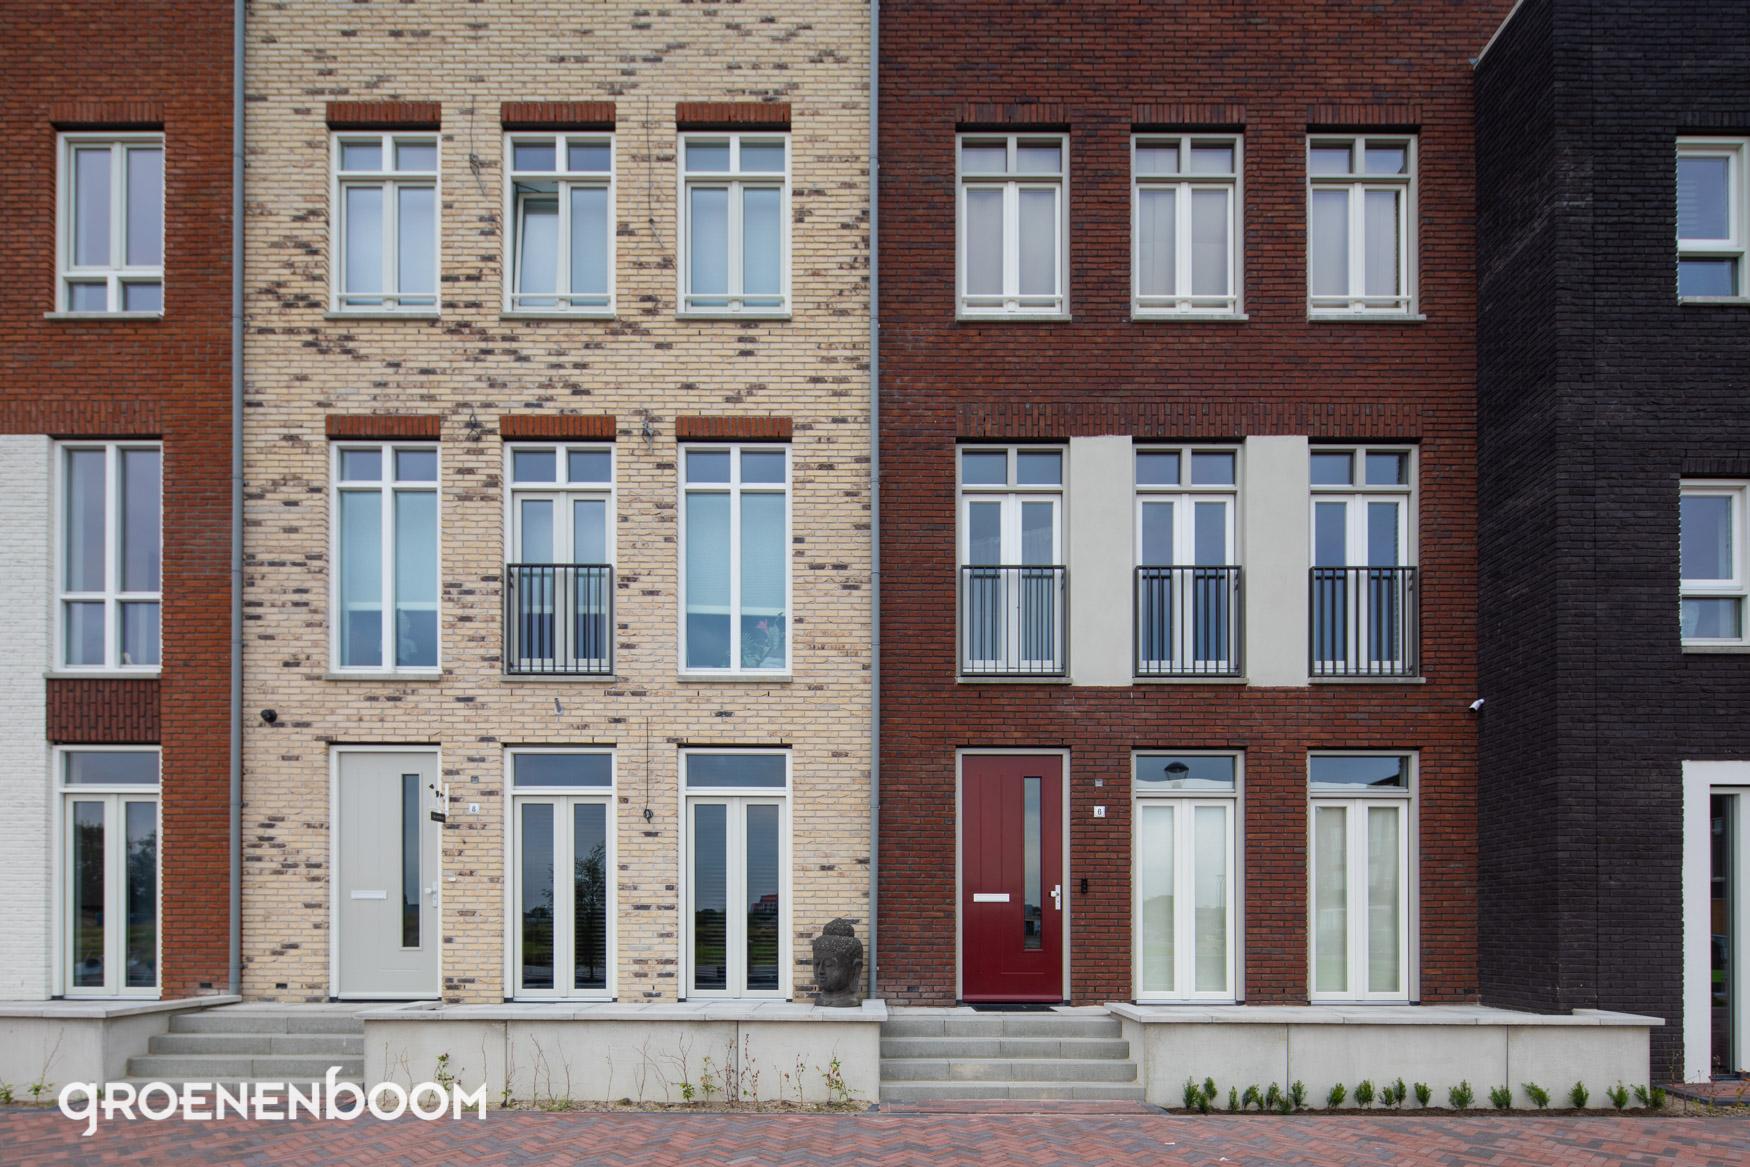 Groenenboom-Schildersbedrijf-project-Spijkenisse-De-Haven4